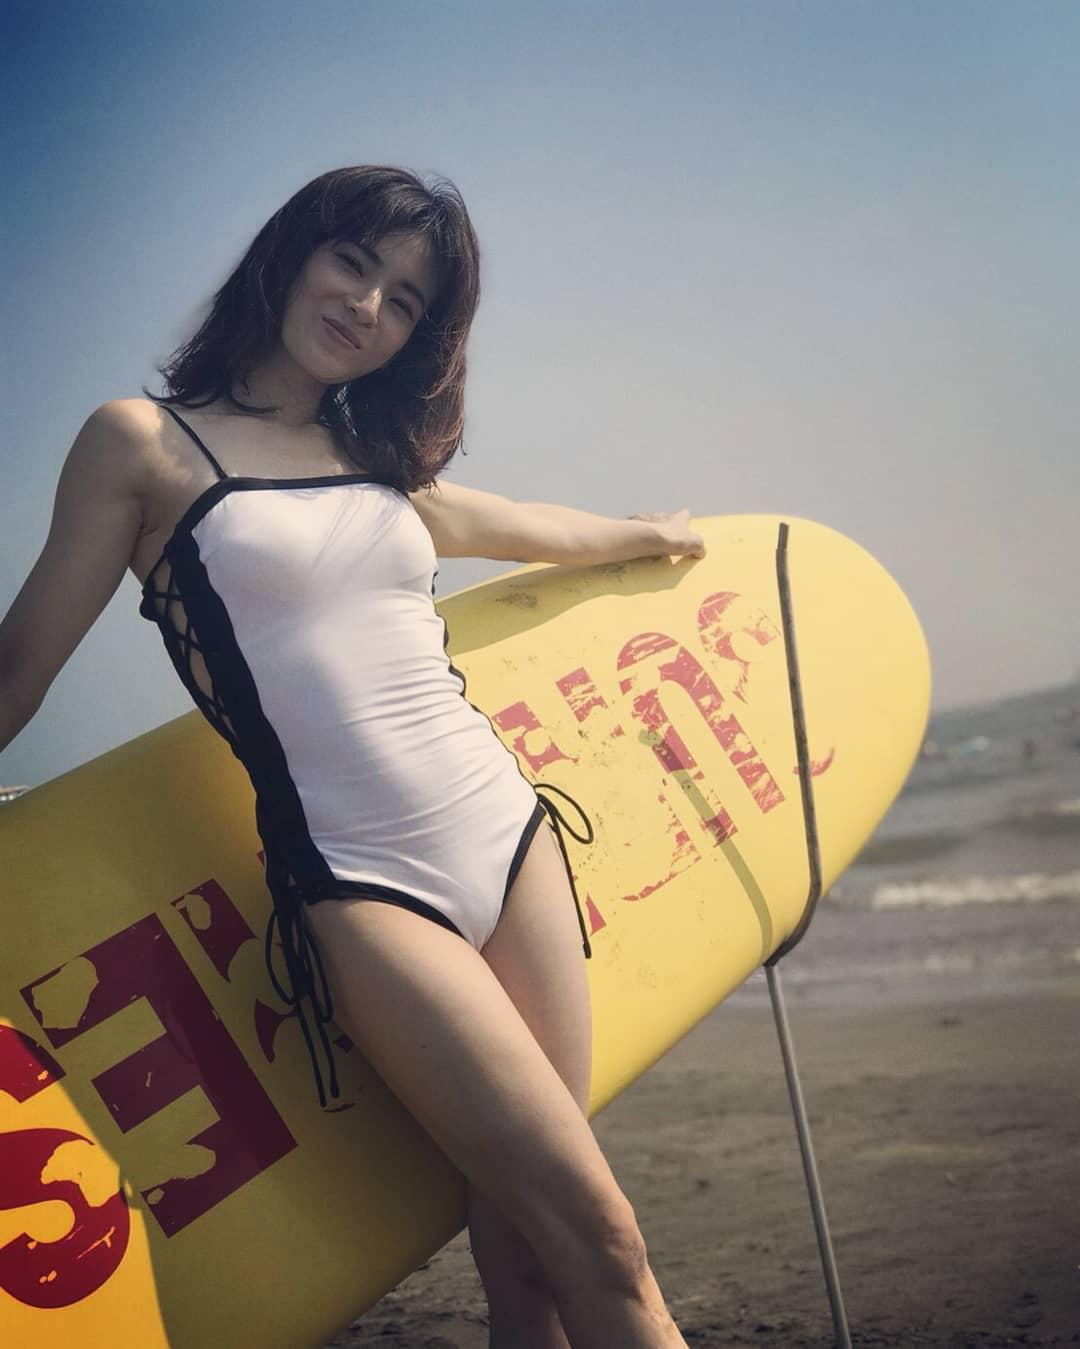 素人の女の子のインスタ画像っぽい芸能人の水着画像wwwwwww 37786434 228522174468223 3961388091041644544 n